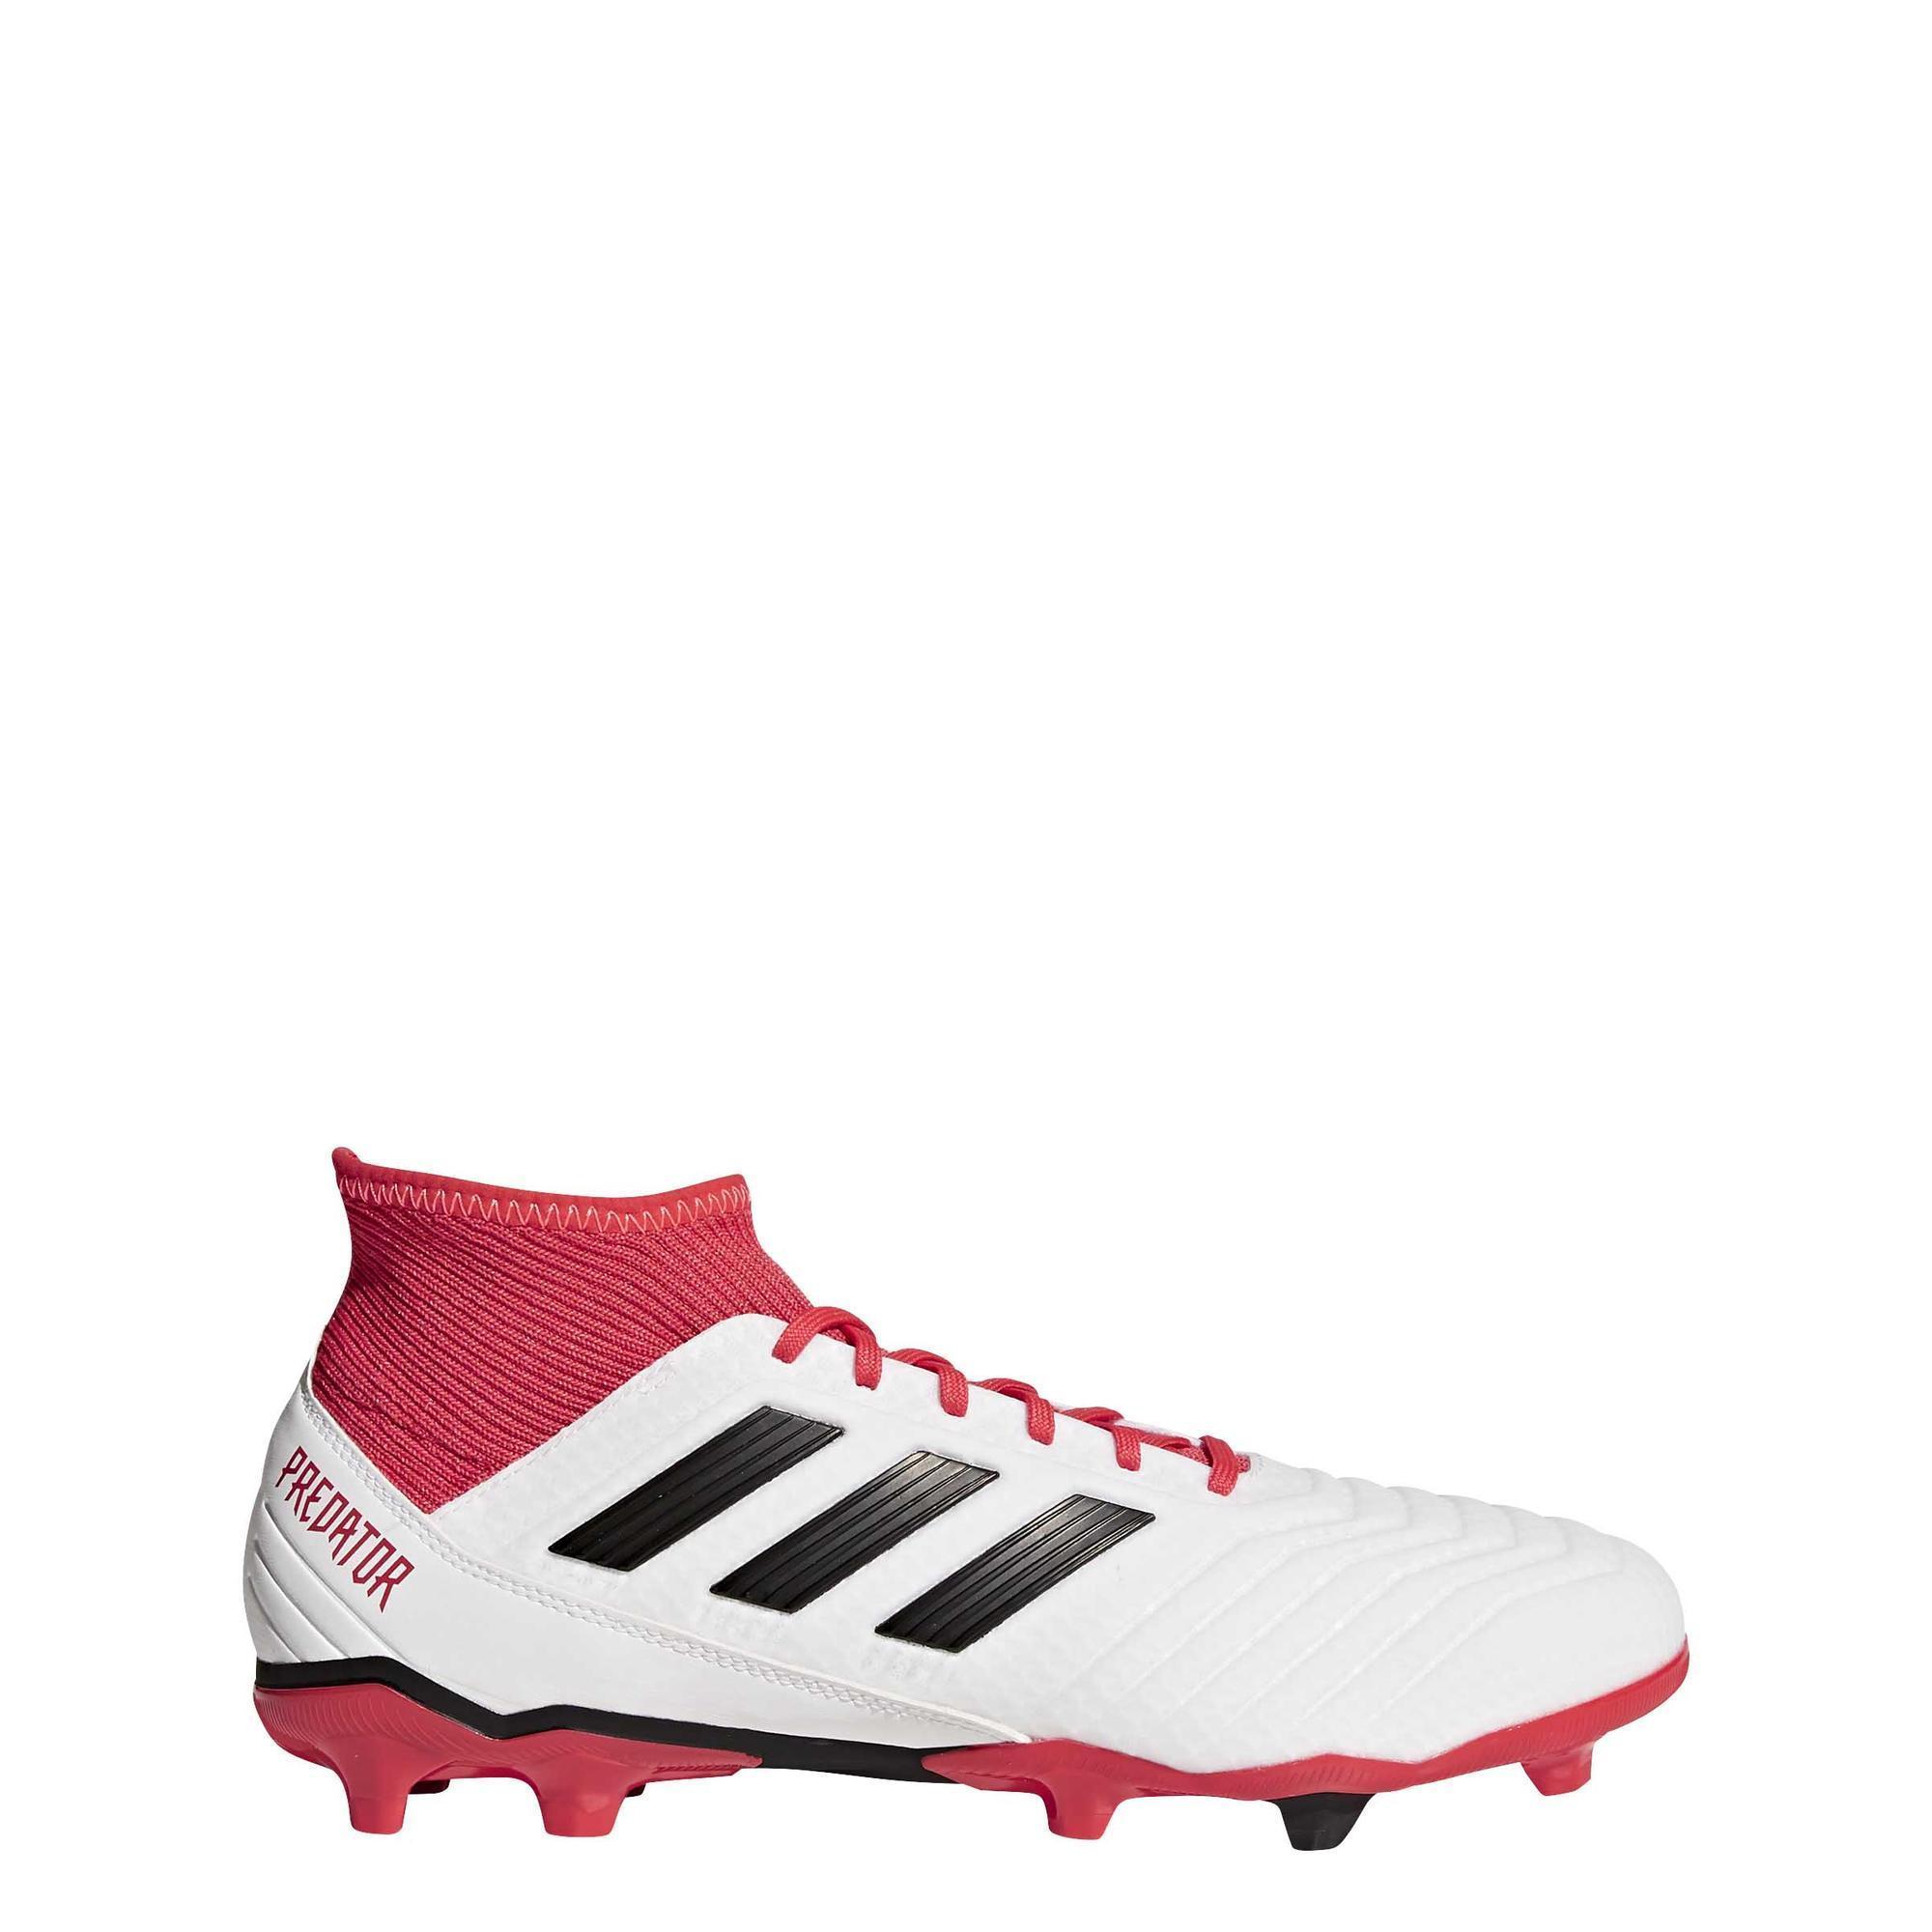 Botas de fútbol adultos Predator 18.3 FG Adidas  5fc258585aa62